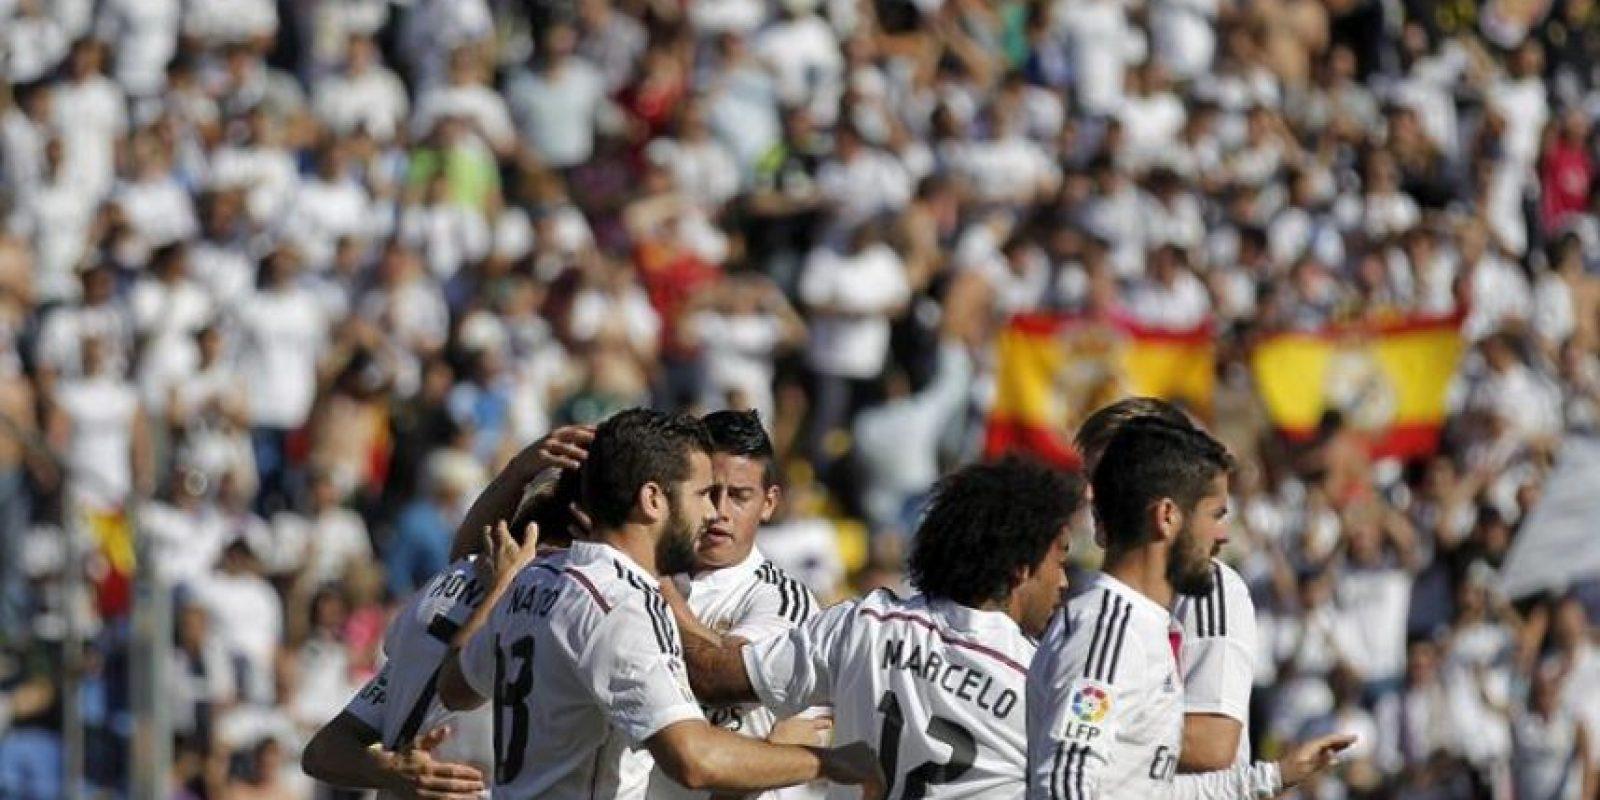 El delantero portugués del Real Madrid, Cristiano Ronaldo (i) recibe las felicitaciones de sus compañeros tras la consecución del primer gol de su equipo ante el Levante UD, durante el partido de la octava jornada de liga en Primera División disputado en el estadio Ciutat de València. EFE